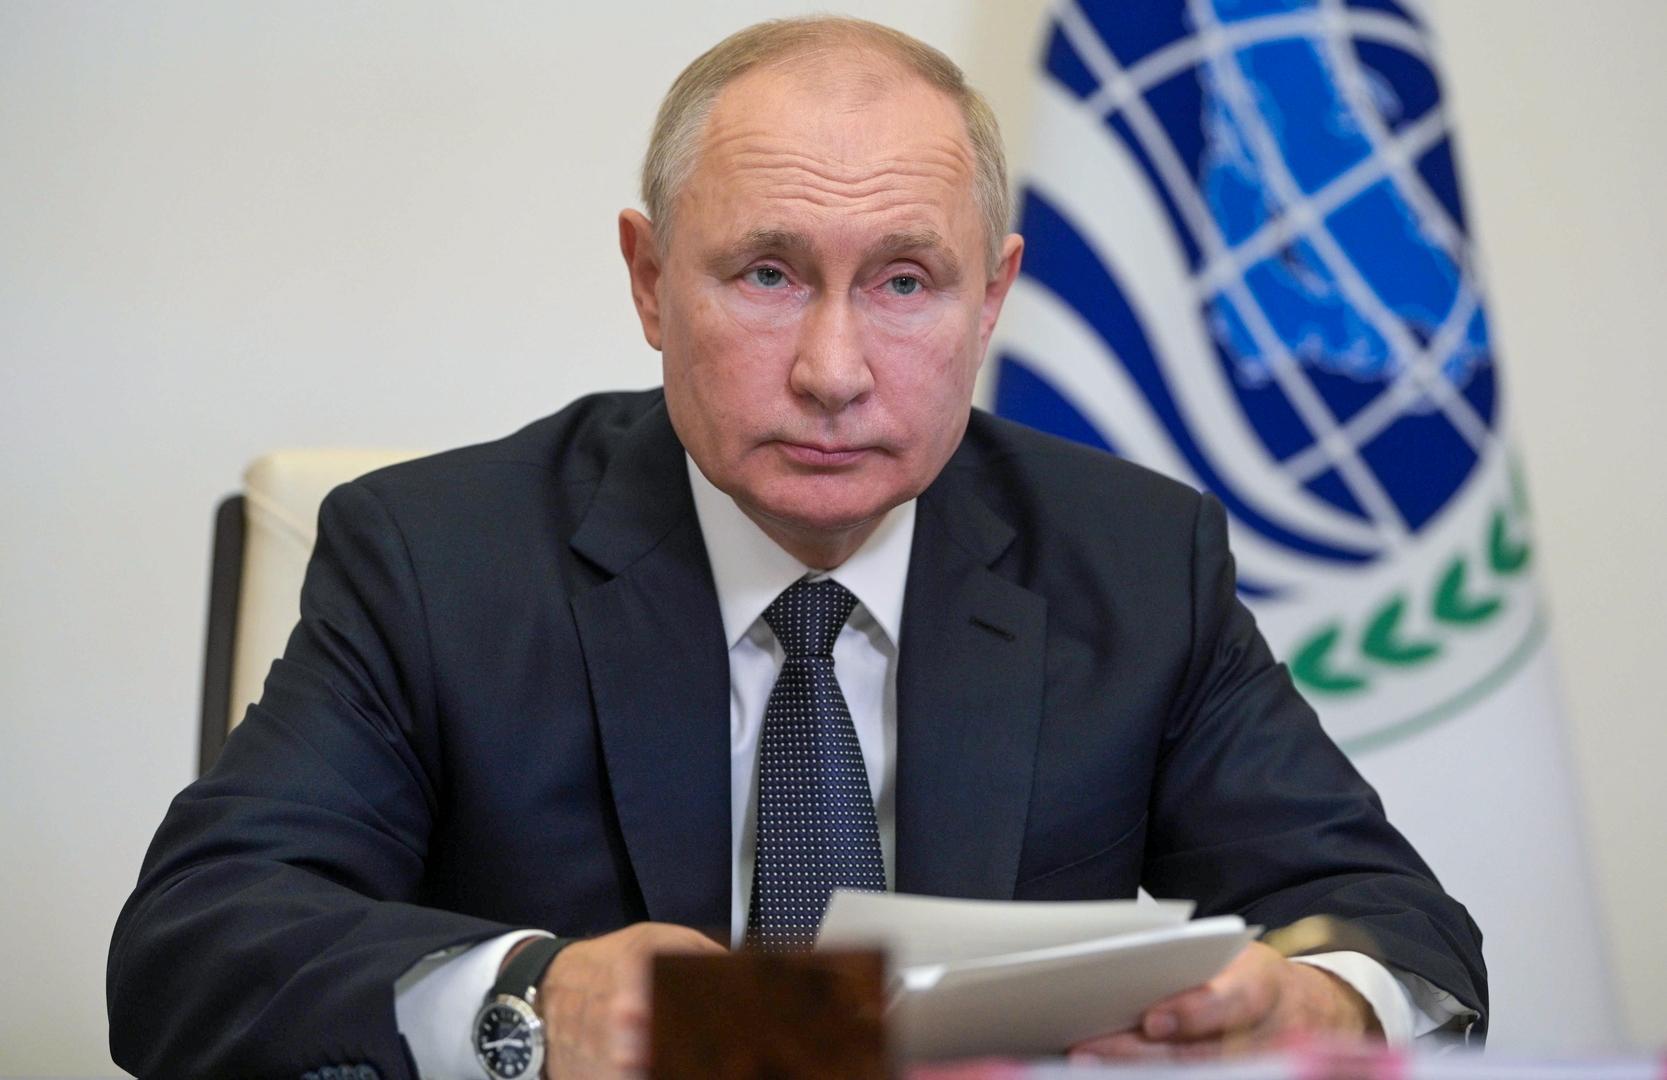 بوتين: انسحاب الناتو من أفغانستان كان بمثابة الهروب ويجب تشجيع